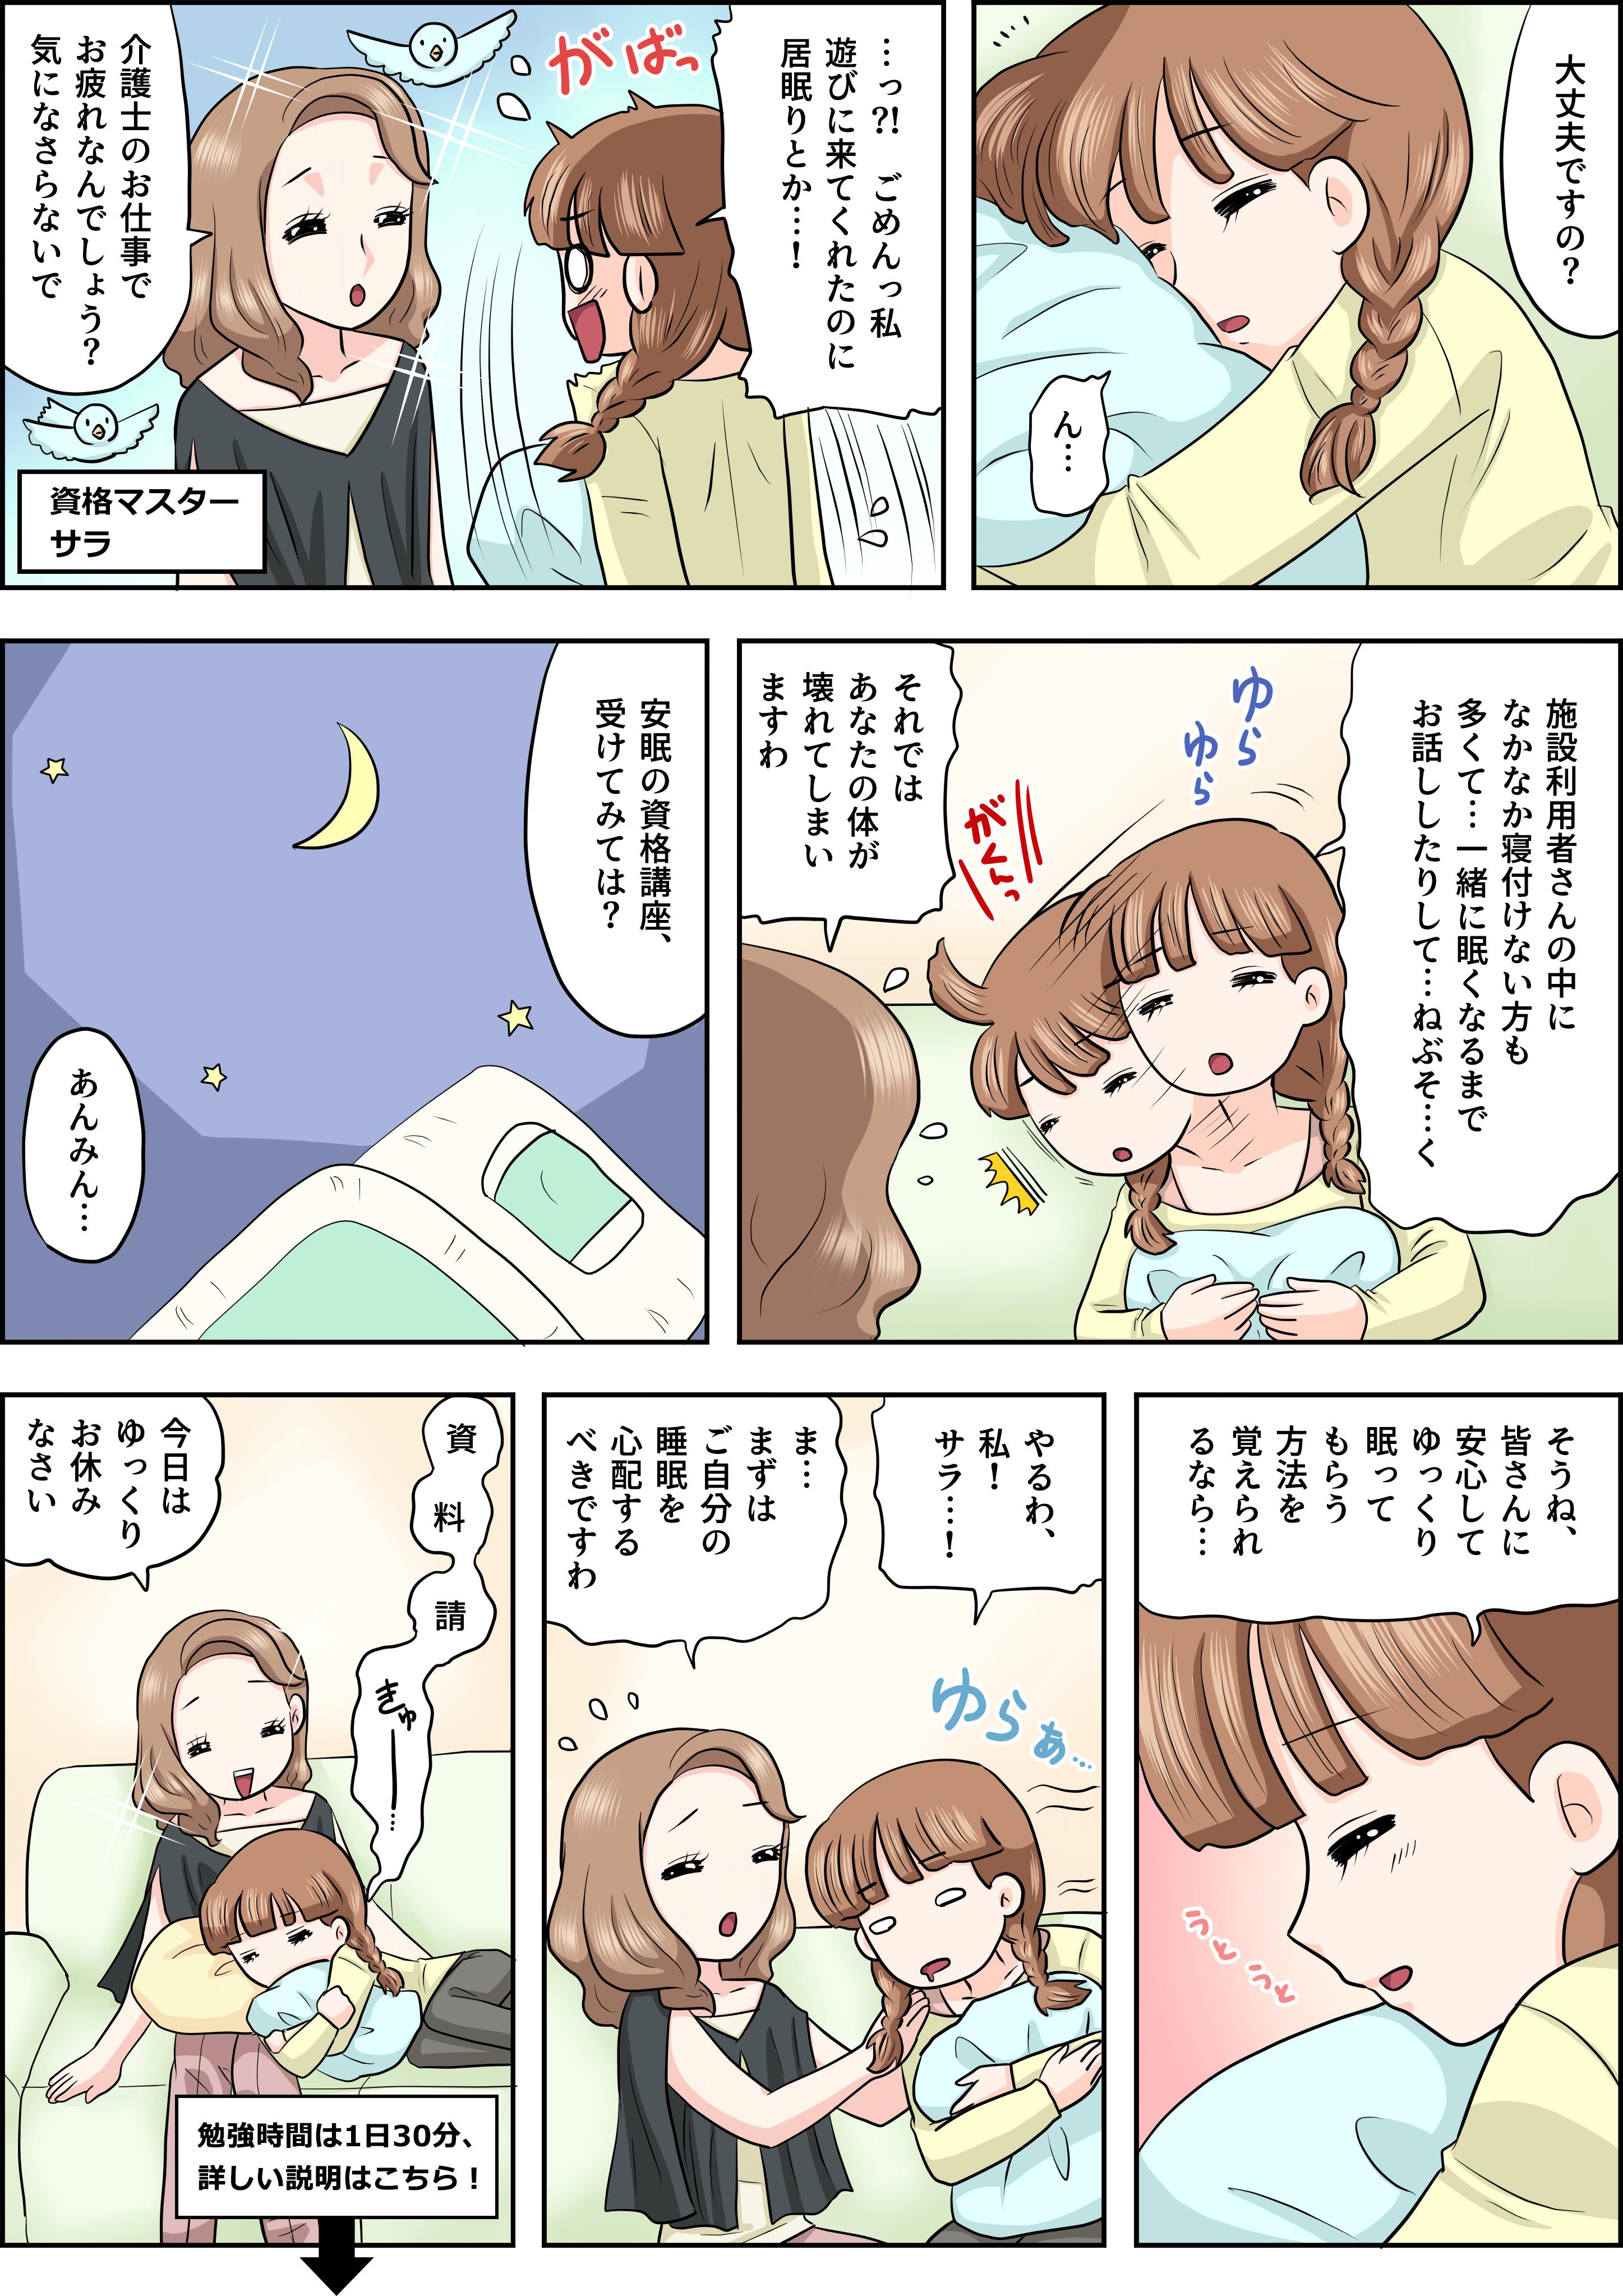 睡眠の漫画